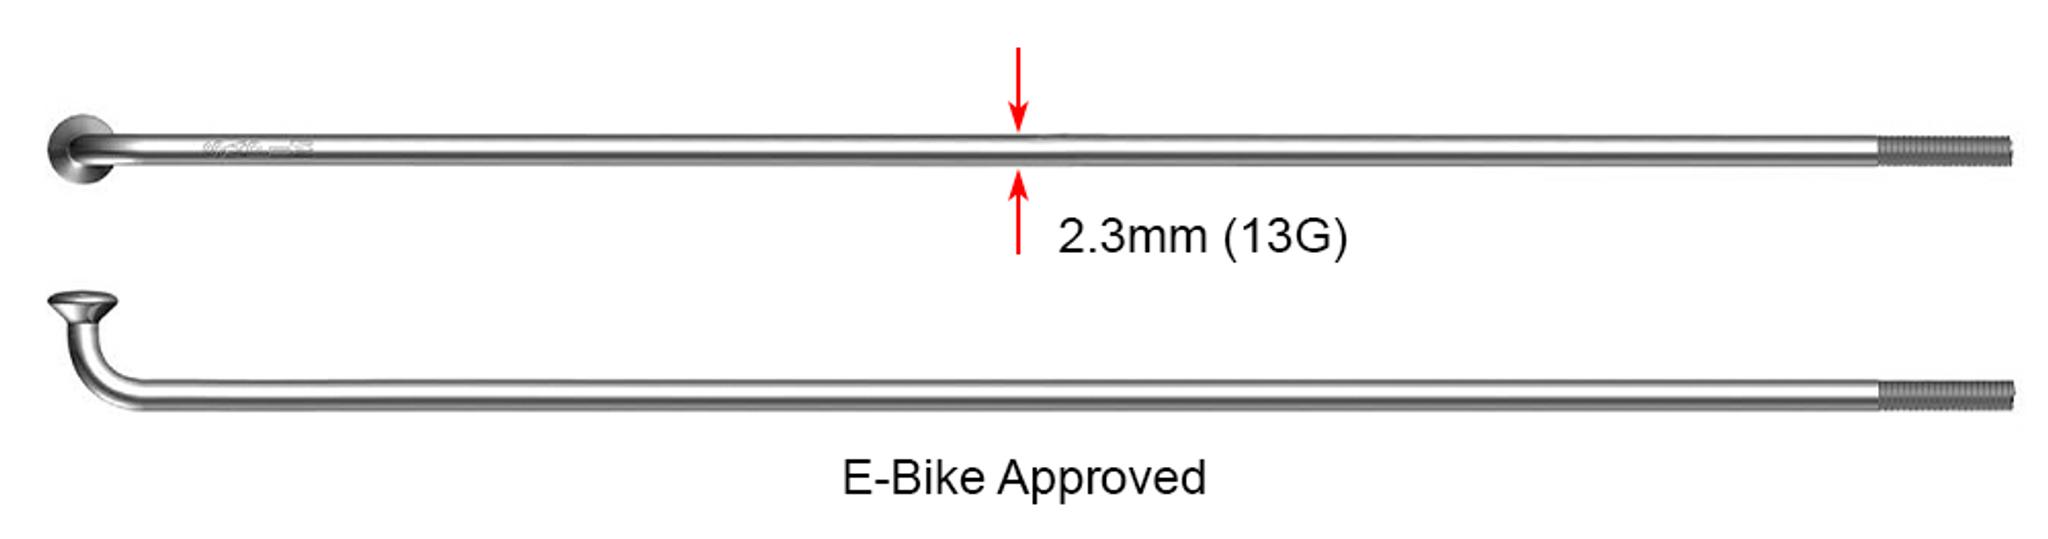 +Nipples E-Bike Pack of Four Sapim Leader 13g Spokes SILVER